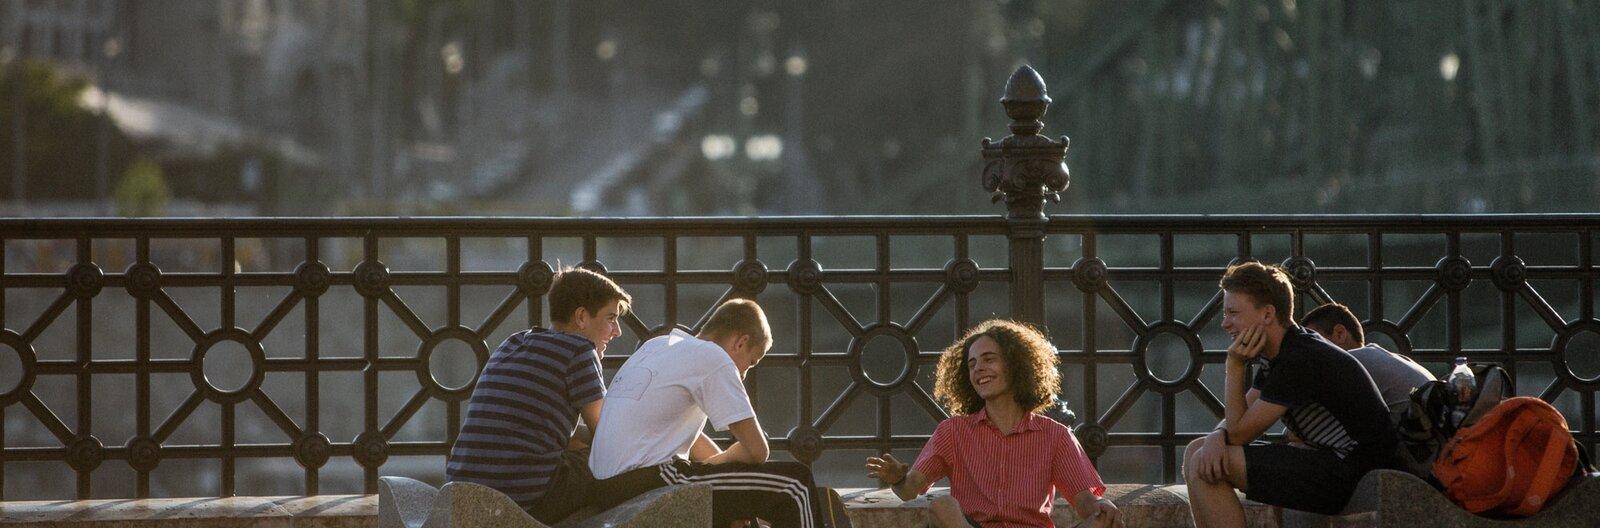 Egyetemista kisokos – alaphelyek, ha Budapesten tanulsz tovább